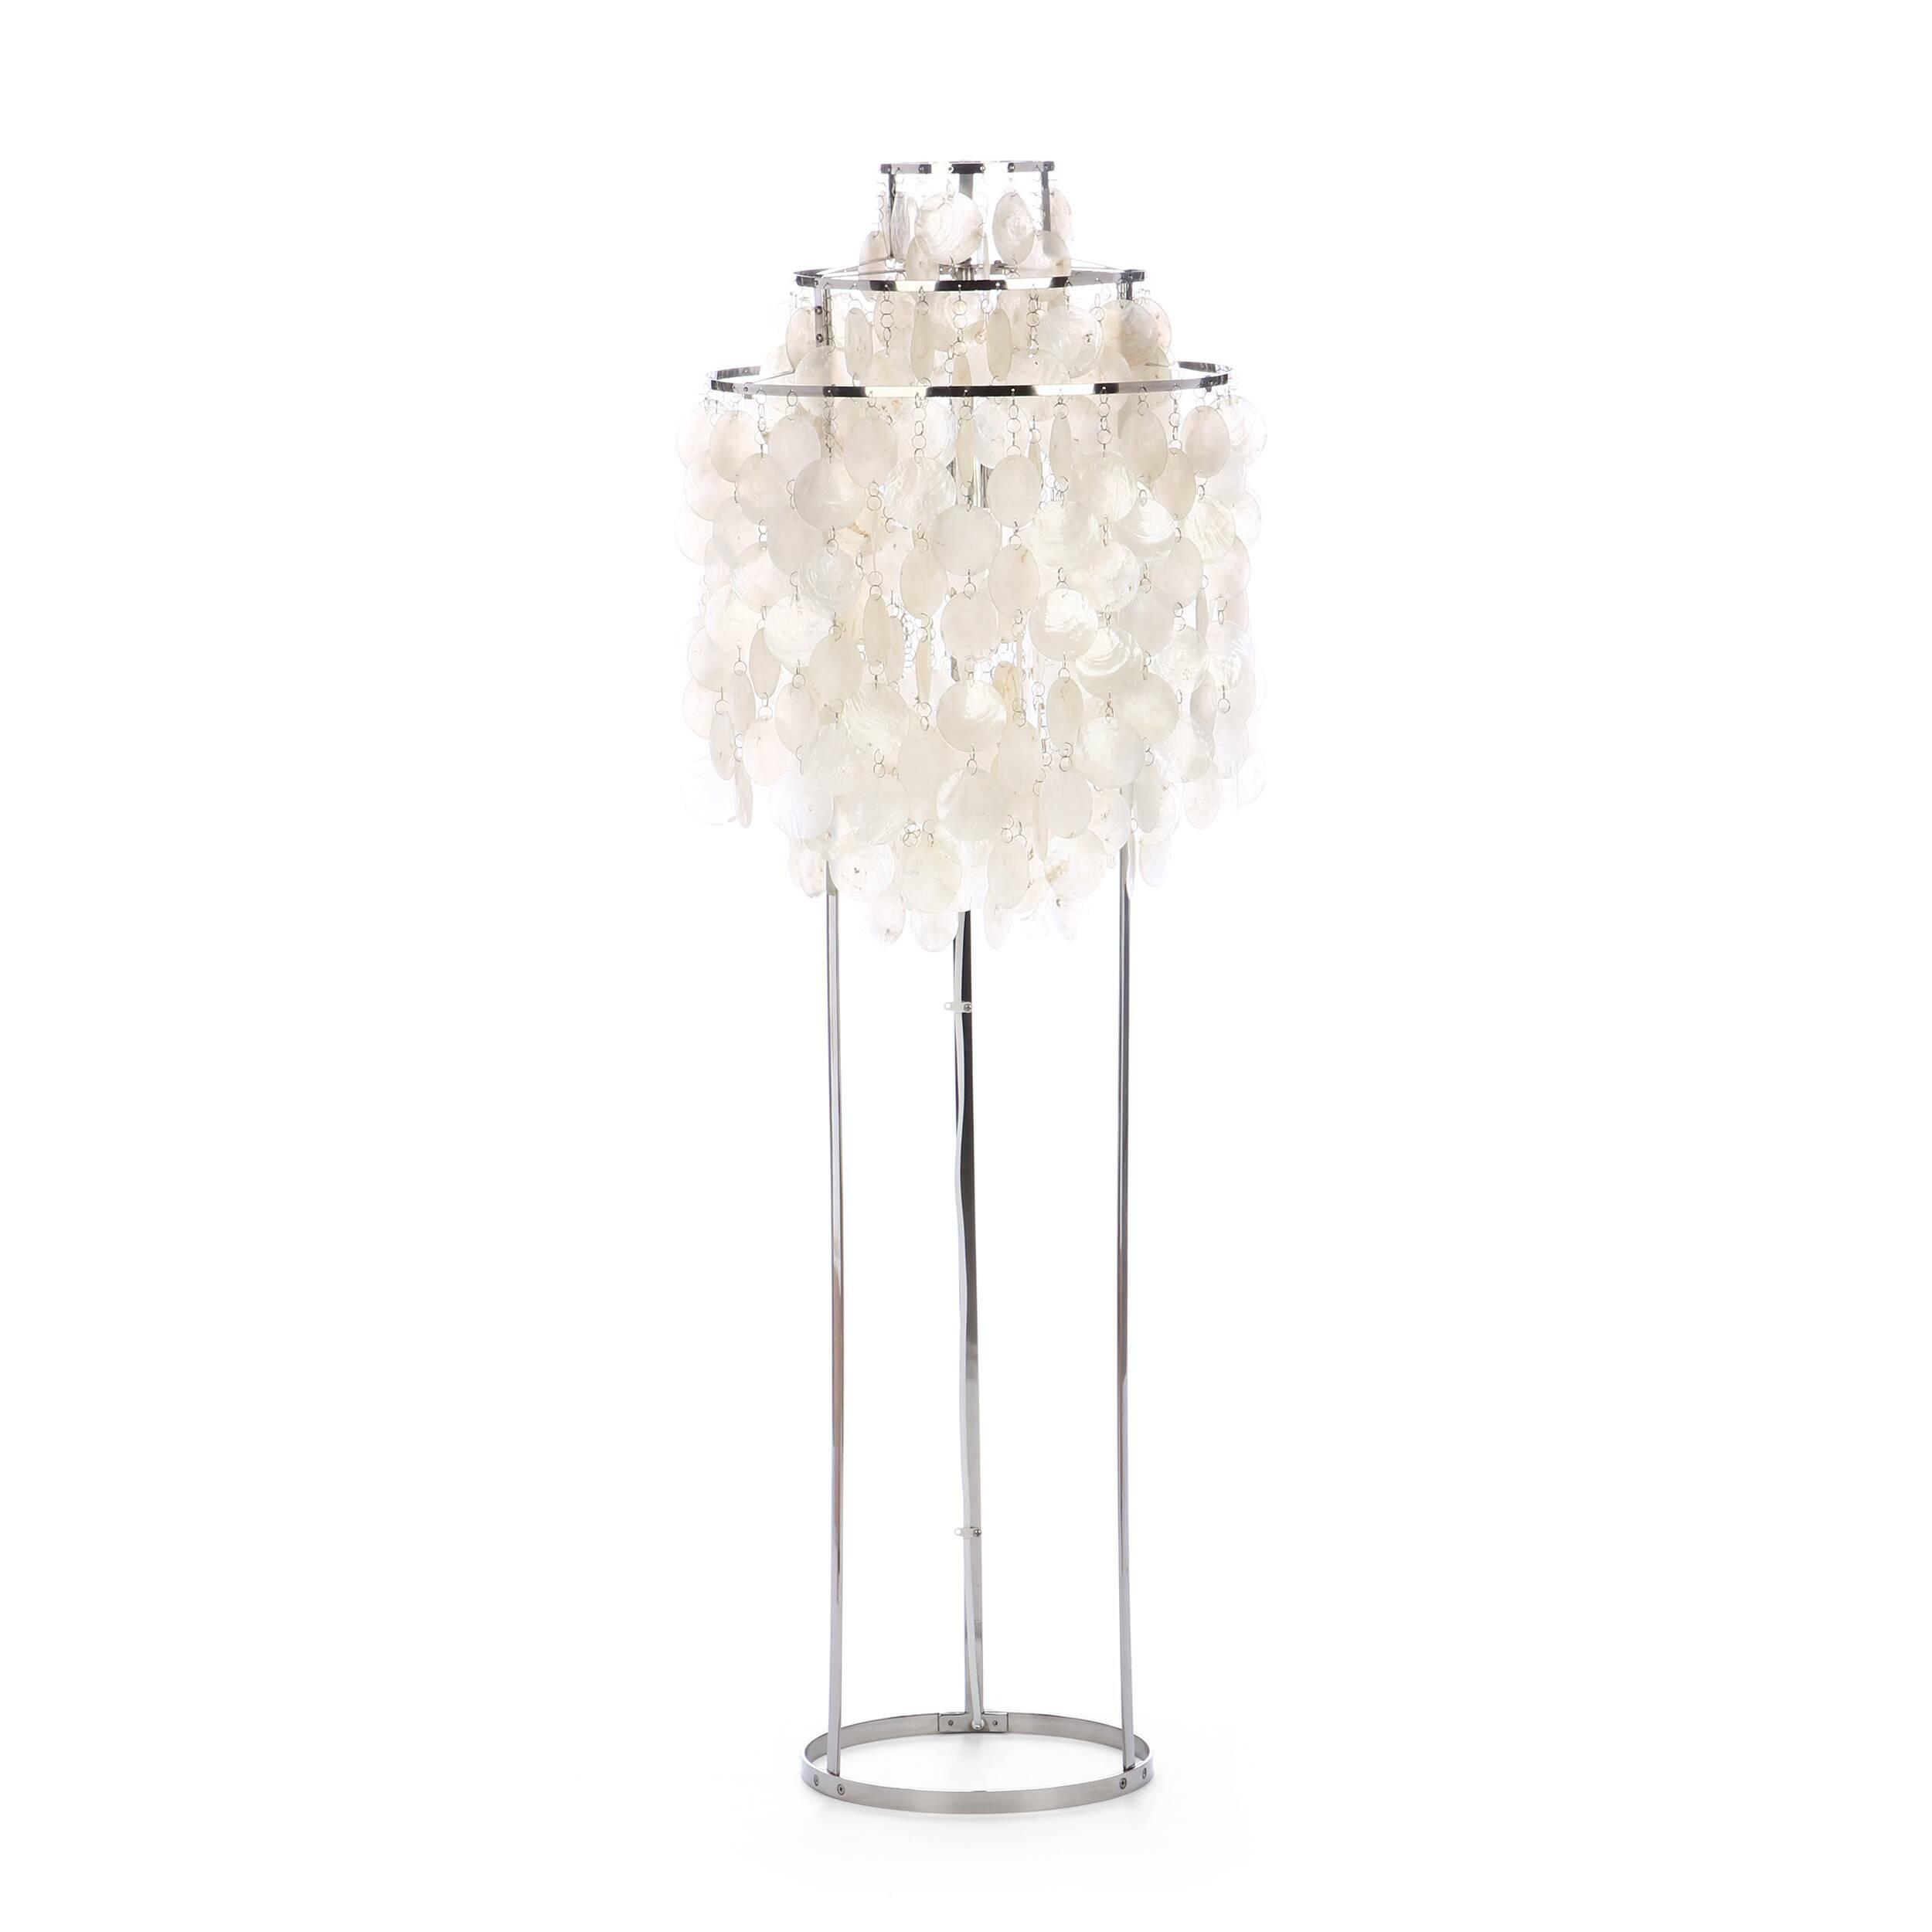 Напольный светильник Fun 1STM биокамин напольный классика в москве недорого